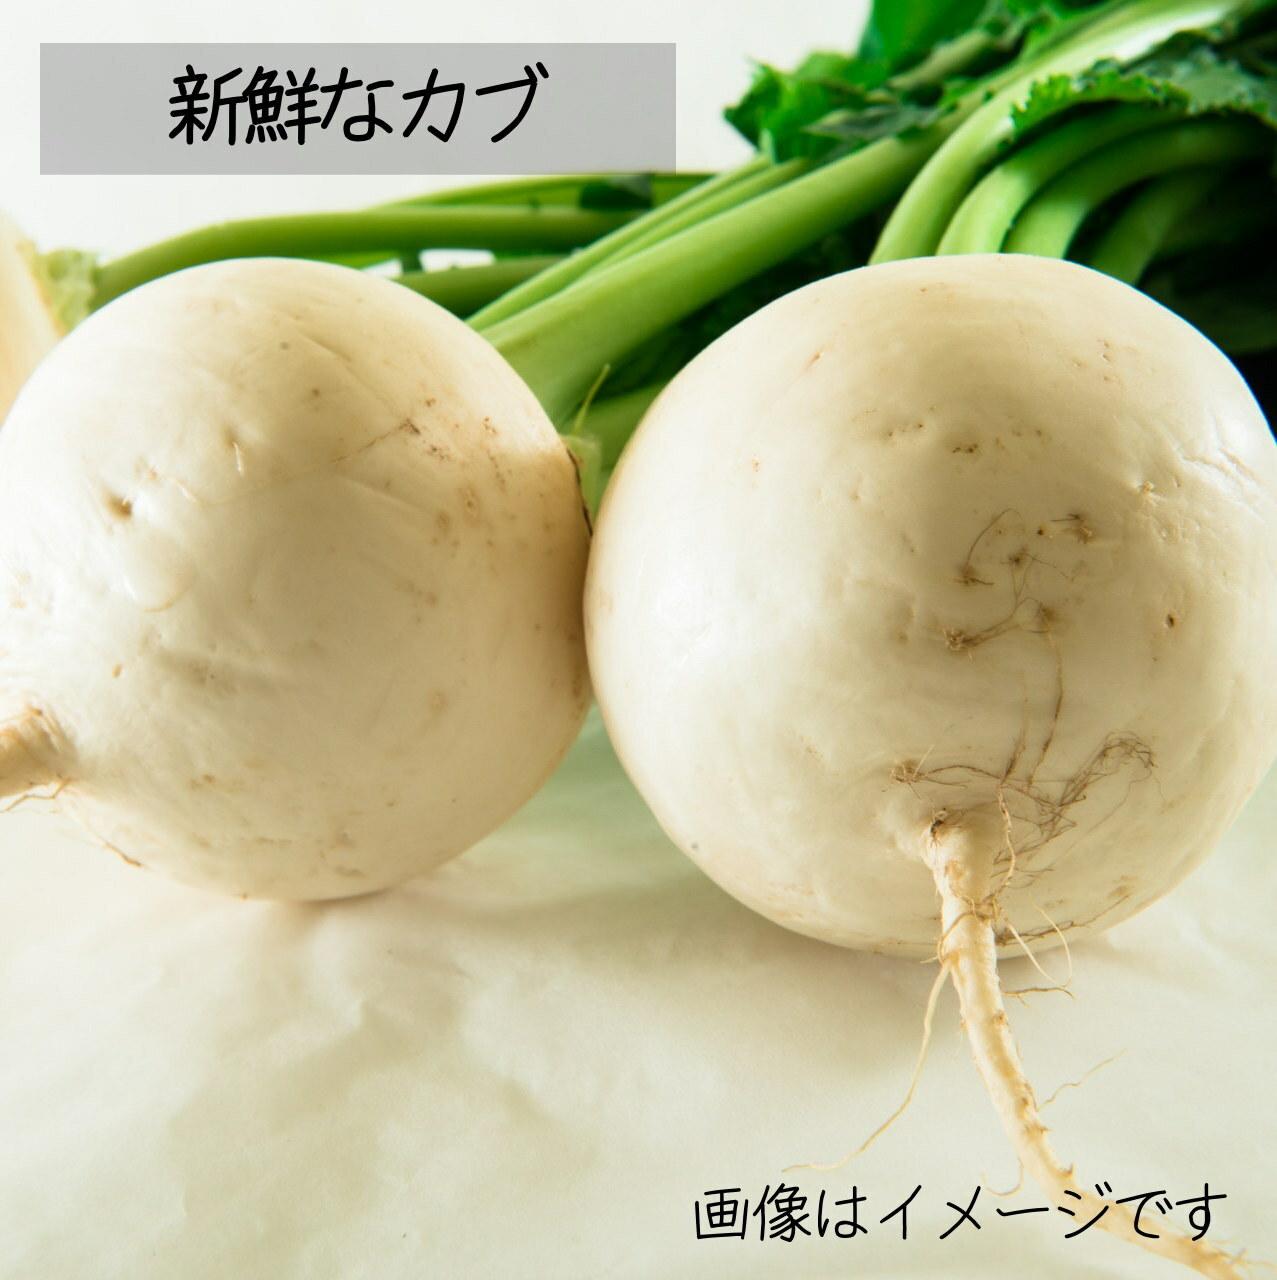 9月の朝採り直売野菜 : カブ 約3~4個  新鮮な秋野菜 9月21日発送予定